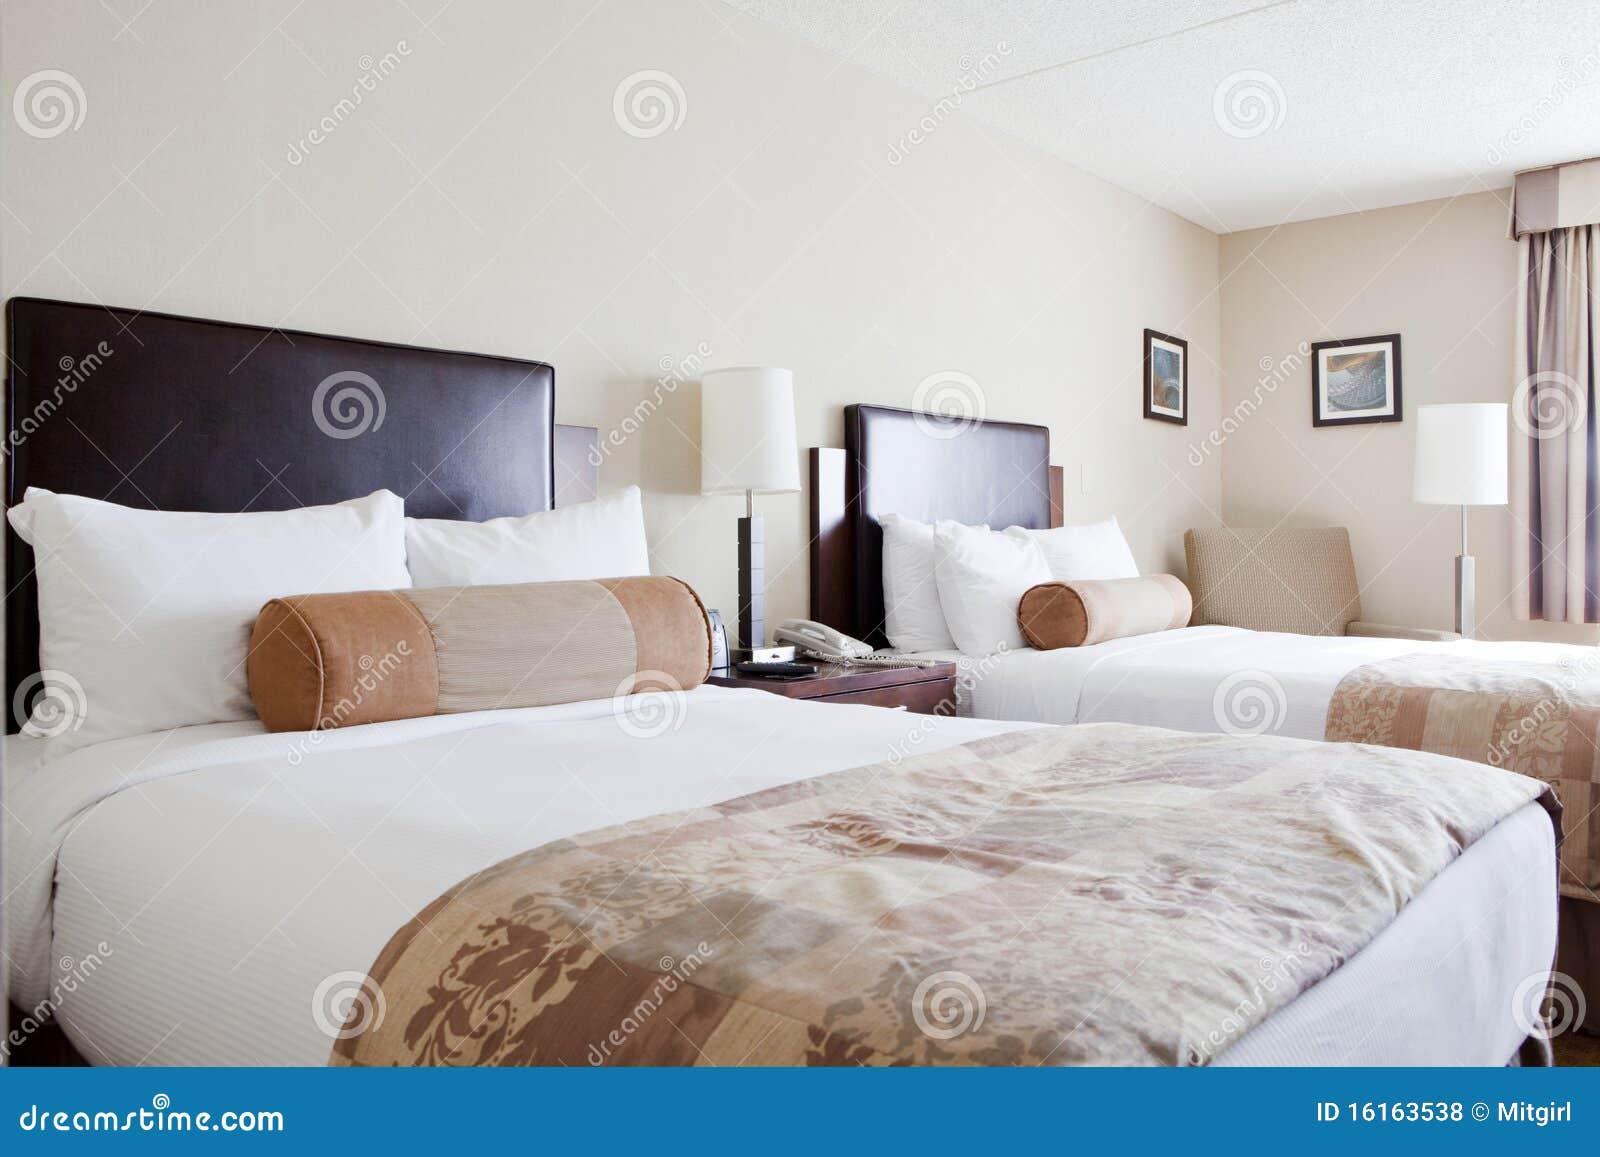 Dos camas matrimoniales en un dormitorio fotos de archivo - Dormitorio dos camas ...